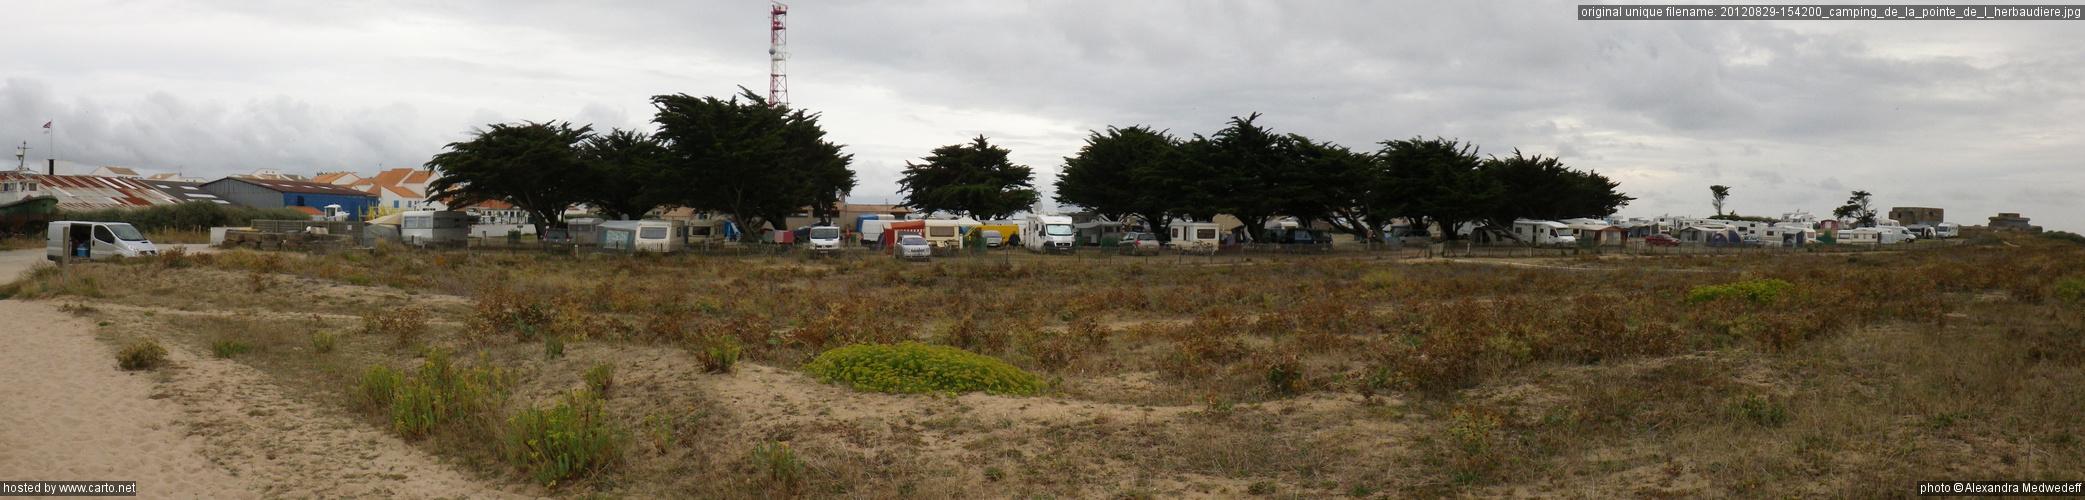 Camping de la pointe de l 39 herbaudi re tour de noirmoutier en l 39 le v lo ao t 2012 - Camping bois de la chaise noirmoutier ...